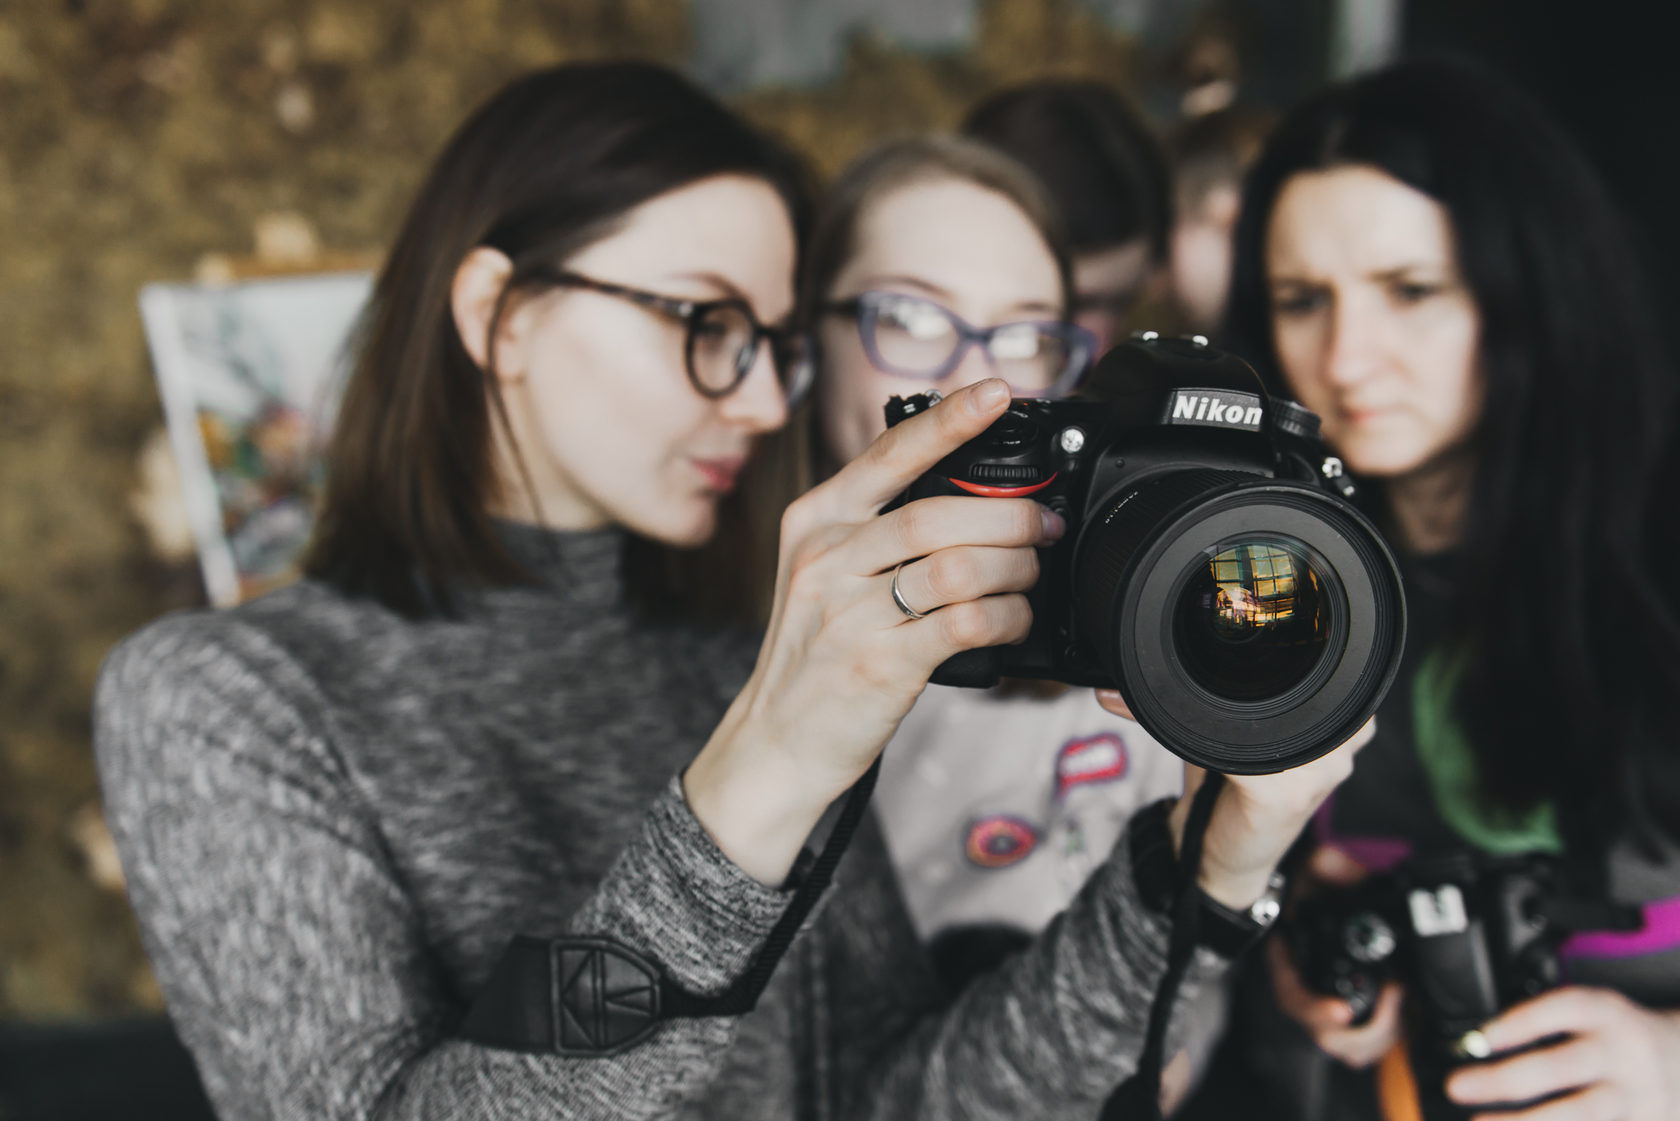 вам предоставляю курсы начинающего фотографа в самаре классный рюкзак